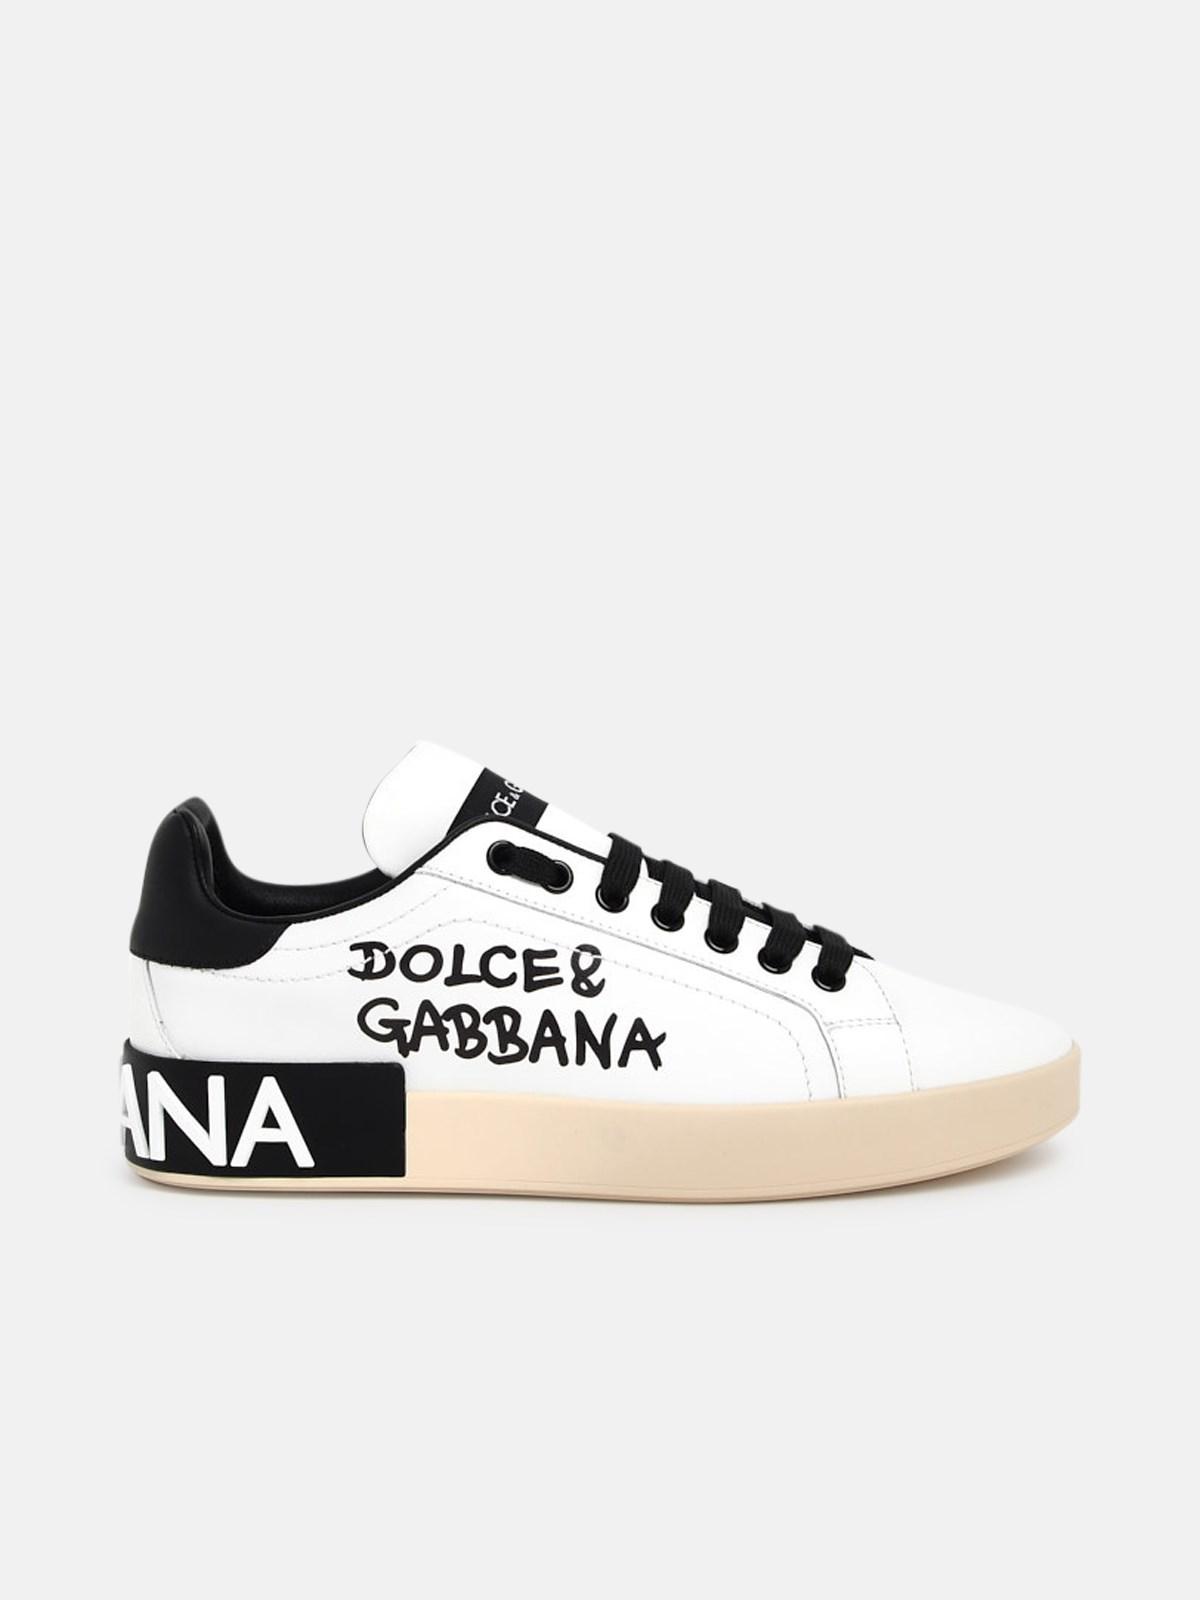 Dolce & Gabbana Leathers WHITE PORTOFINO SNEAKERS